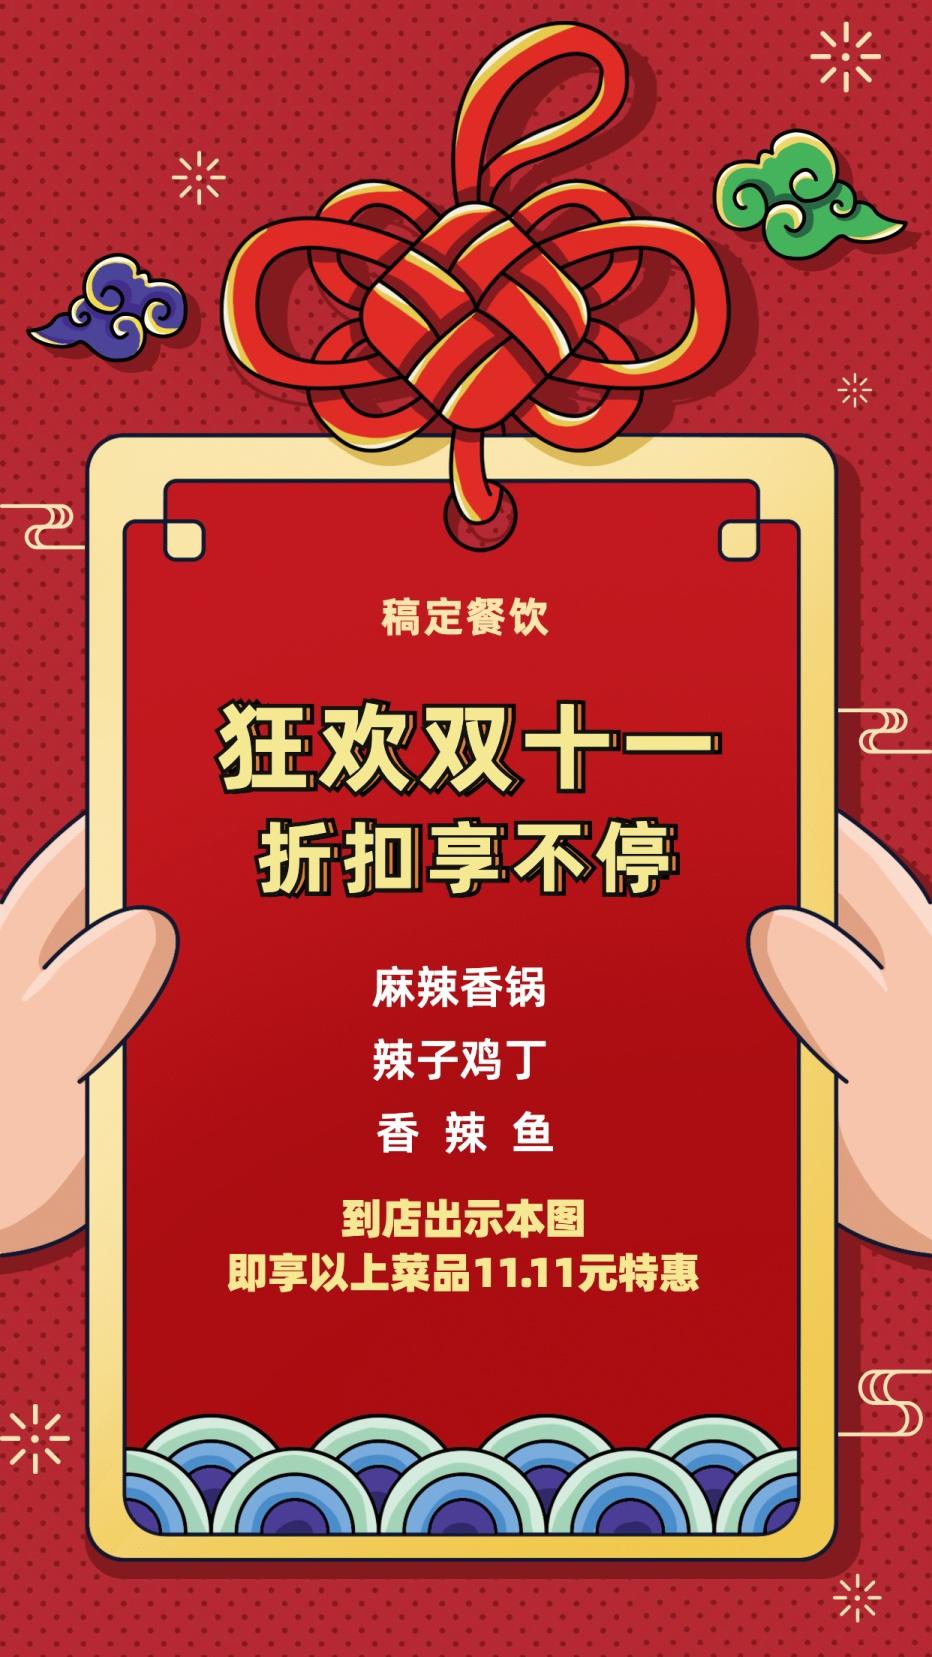 双十一种草福利/餐饮美食/中国风/手机海报